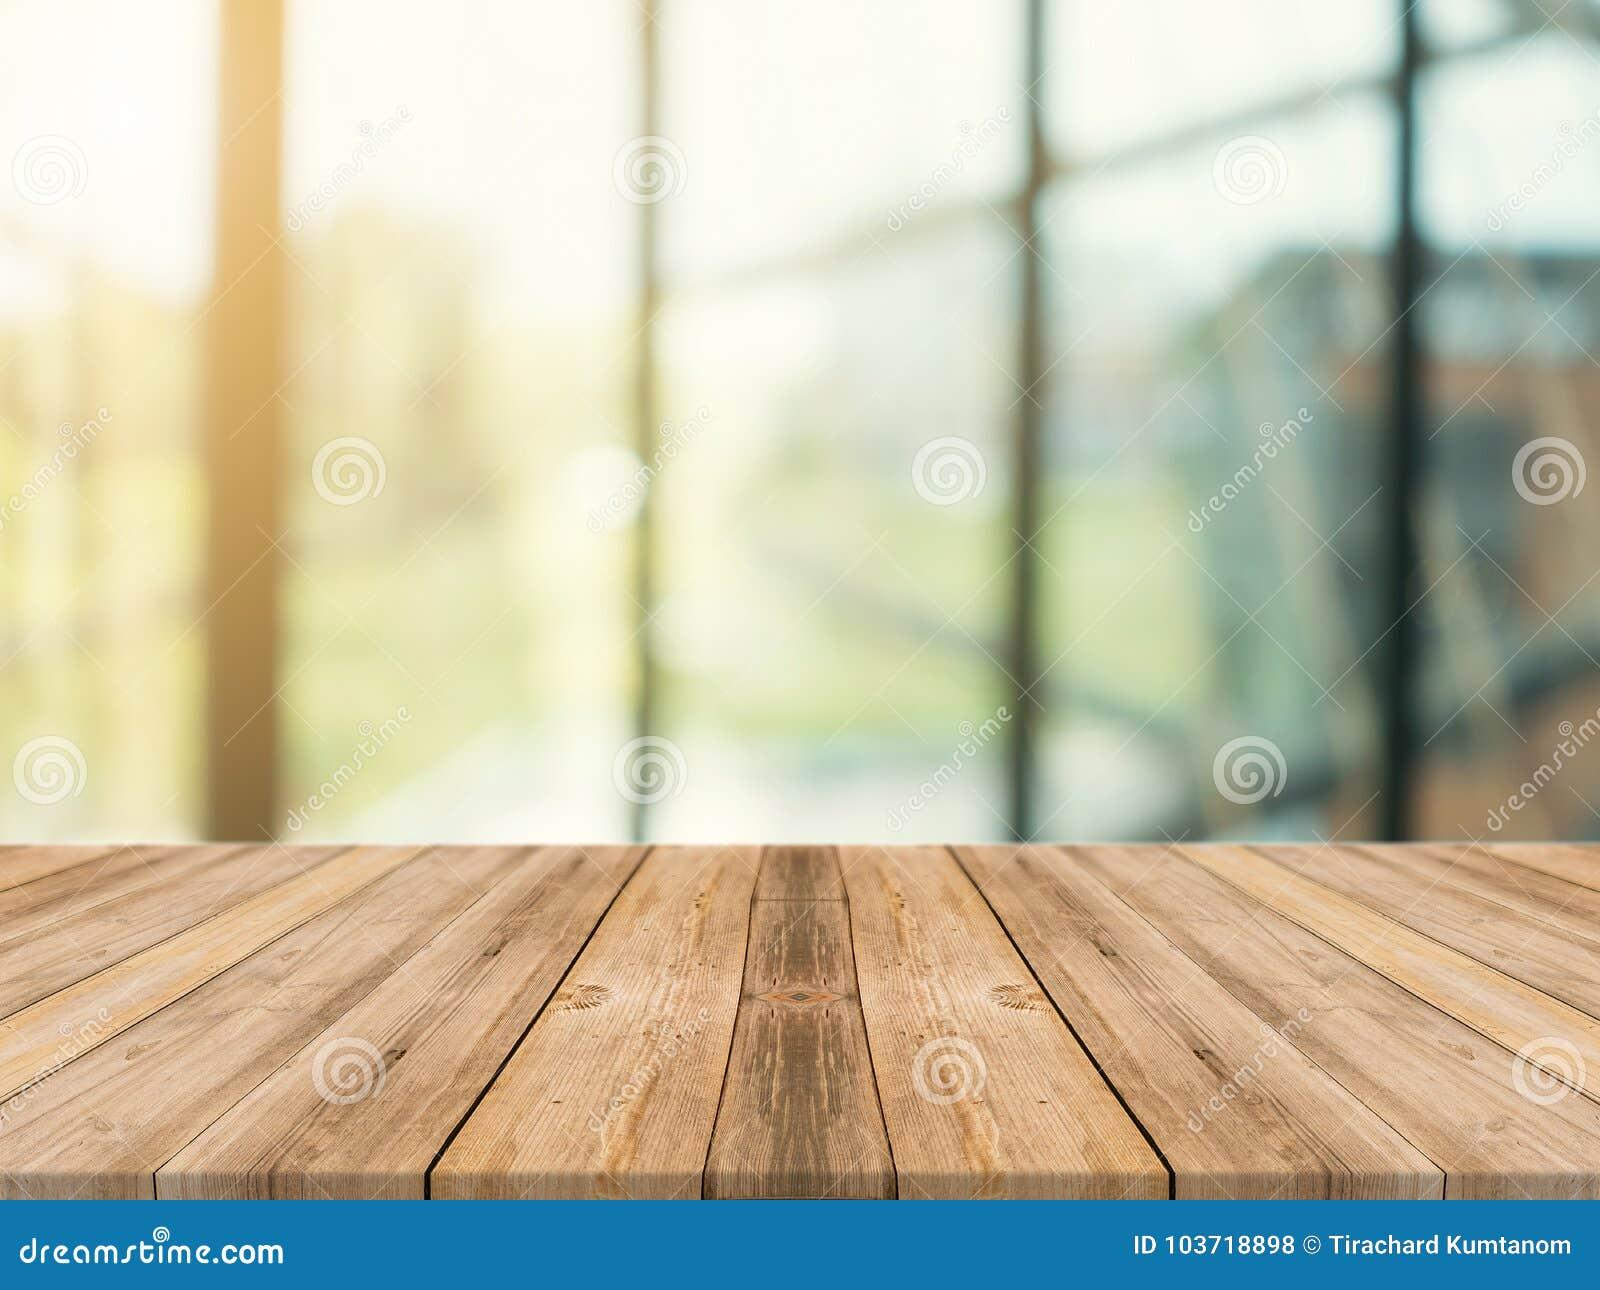 木板空的台式被弄脏的背景 在迷离的透视棕色木桌在咖啡店背景中